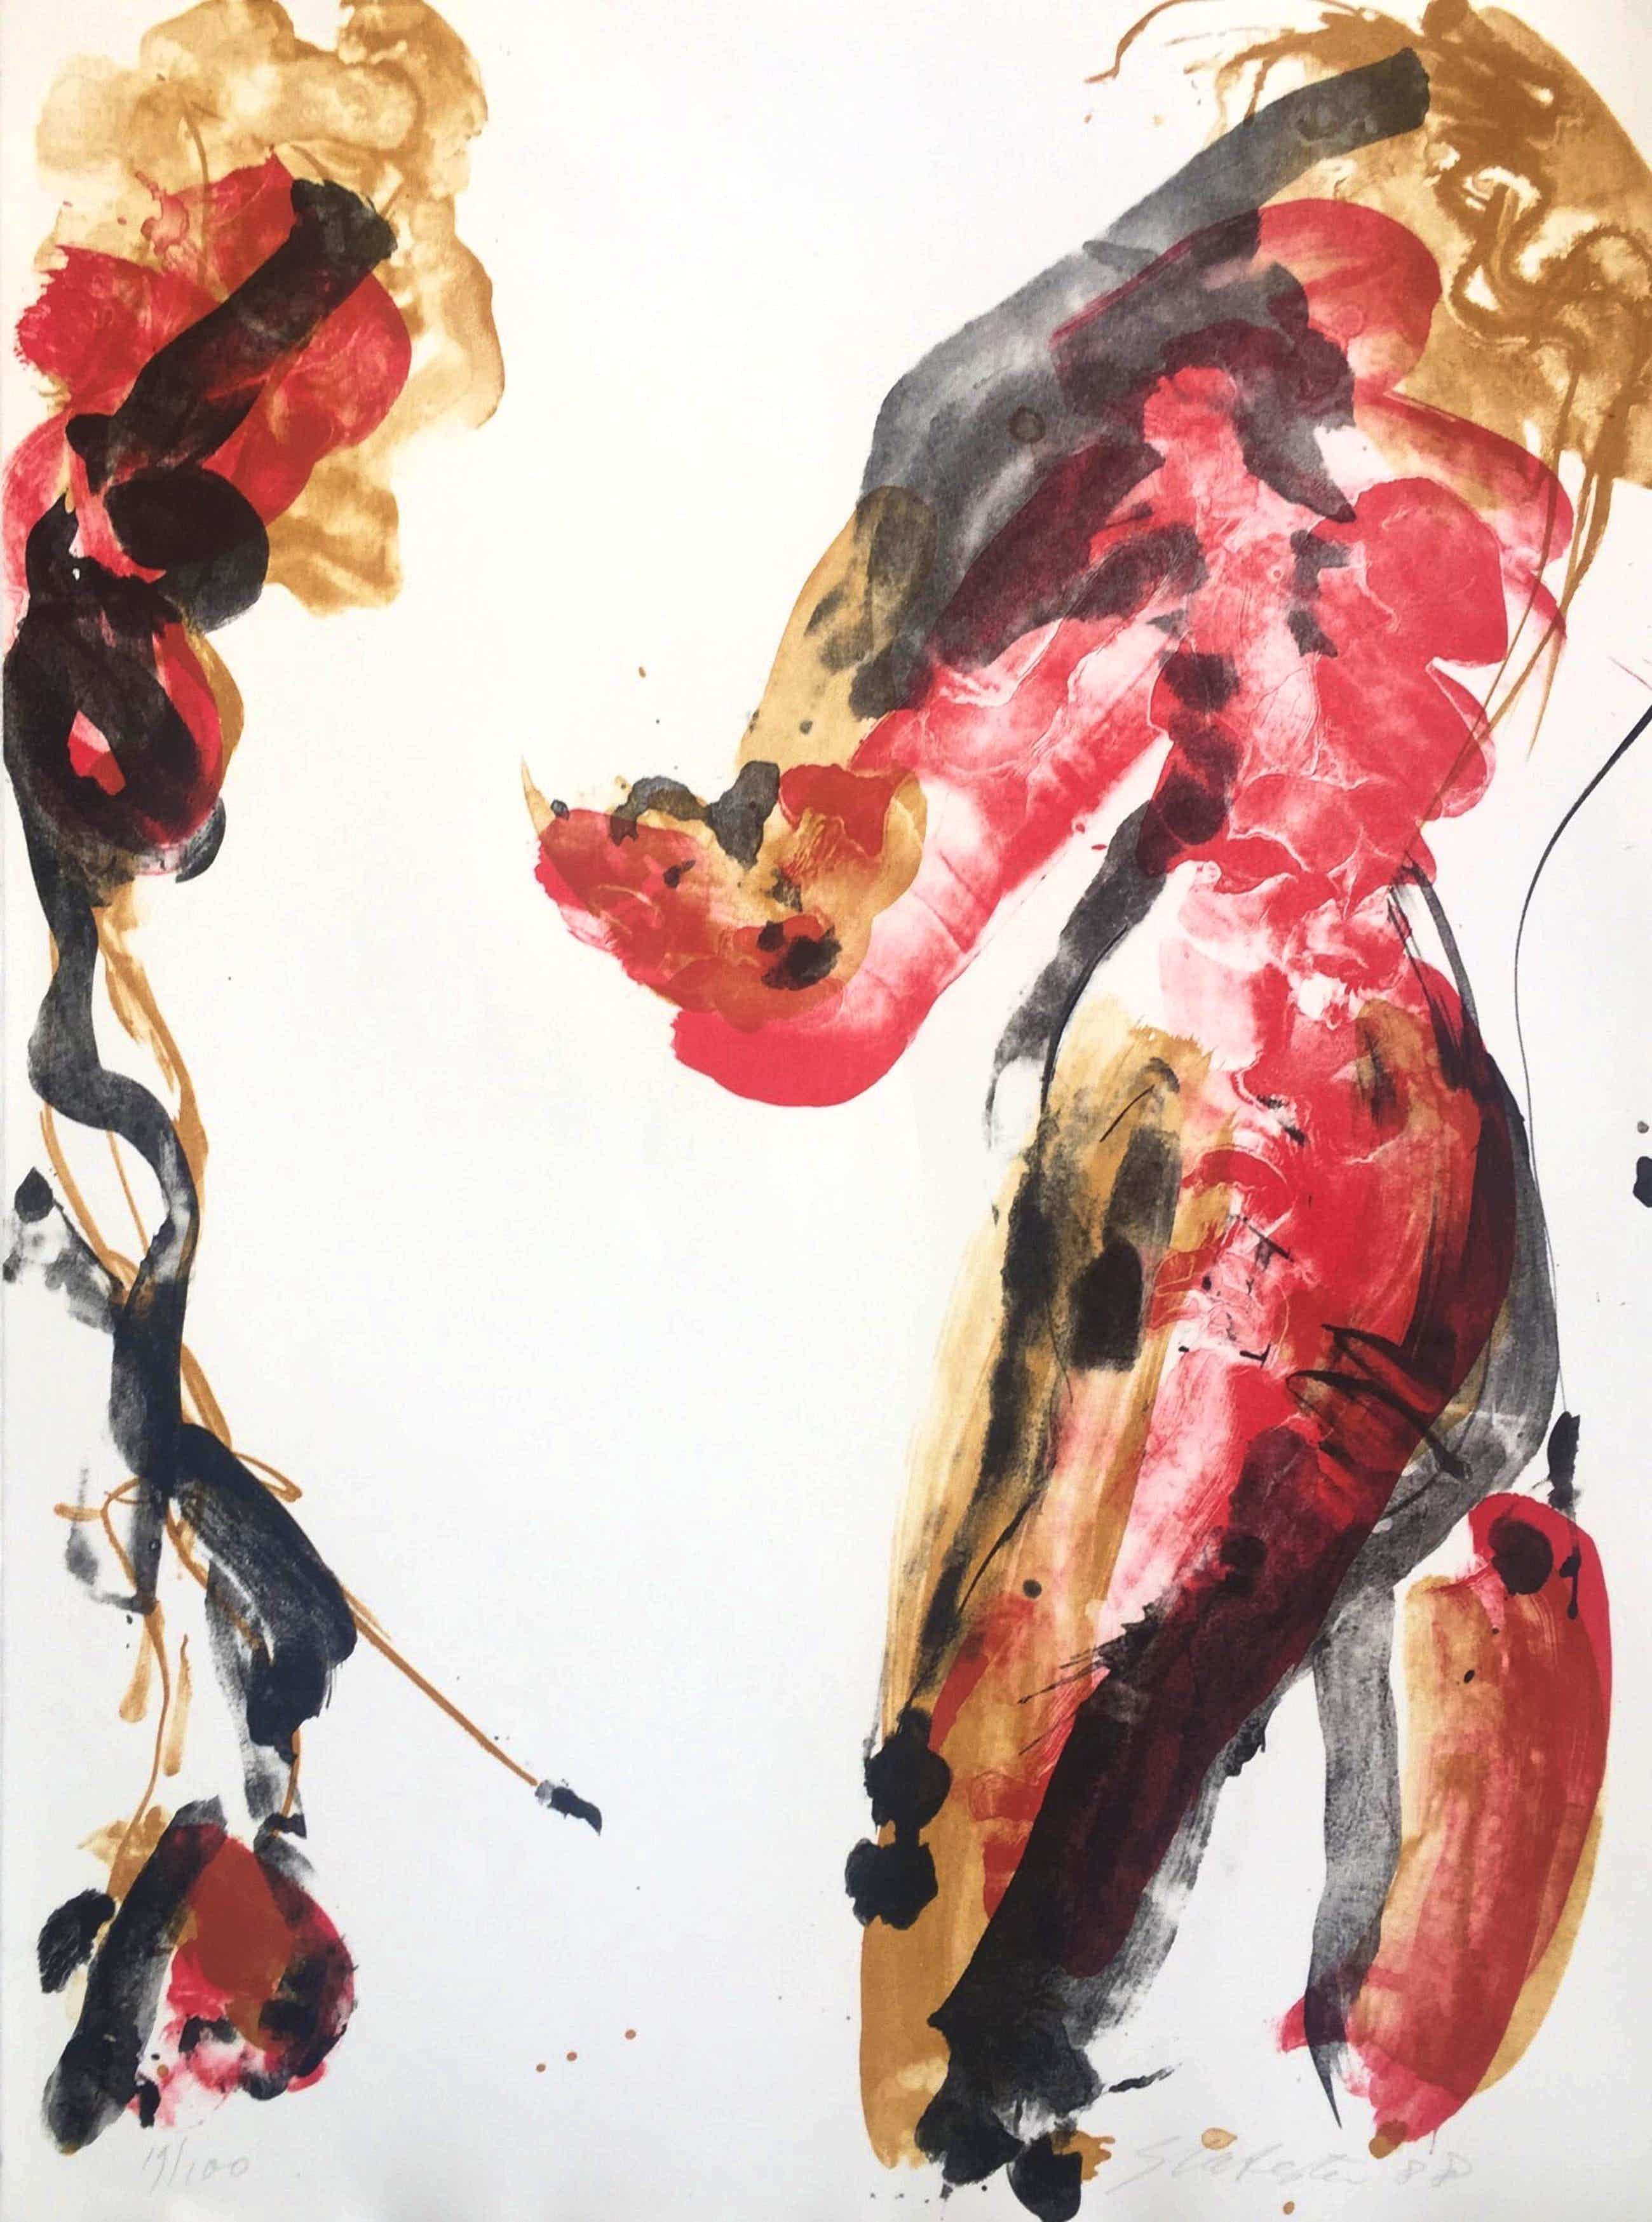 Ger Lataster - abstracte litho - 1988 - oplage 100 ex kopen? Bied vanaf 90!